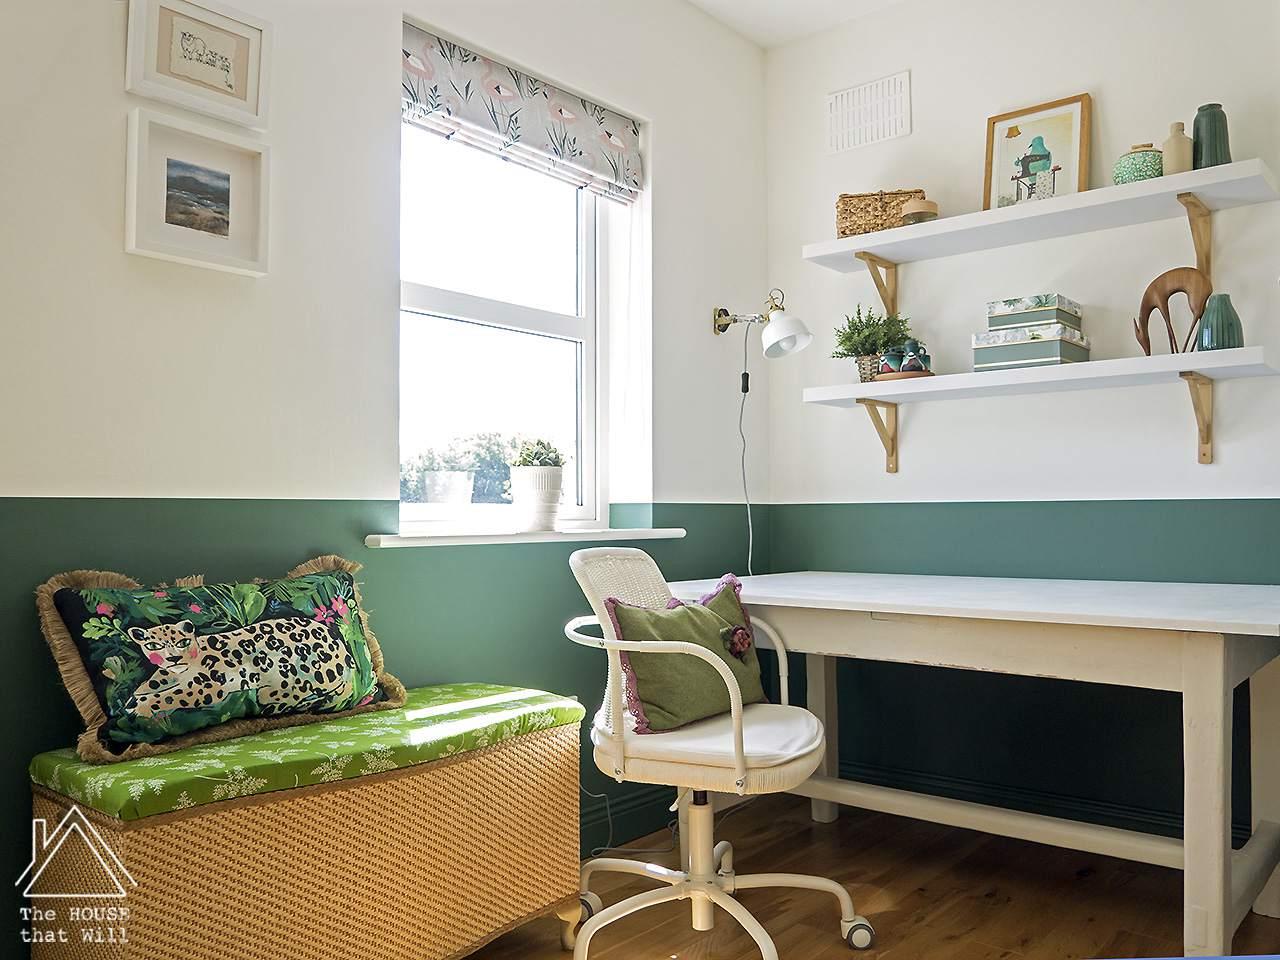 Sala de naturaleza con una mesa, una silla rodante y dos estantes.